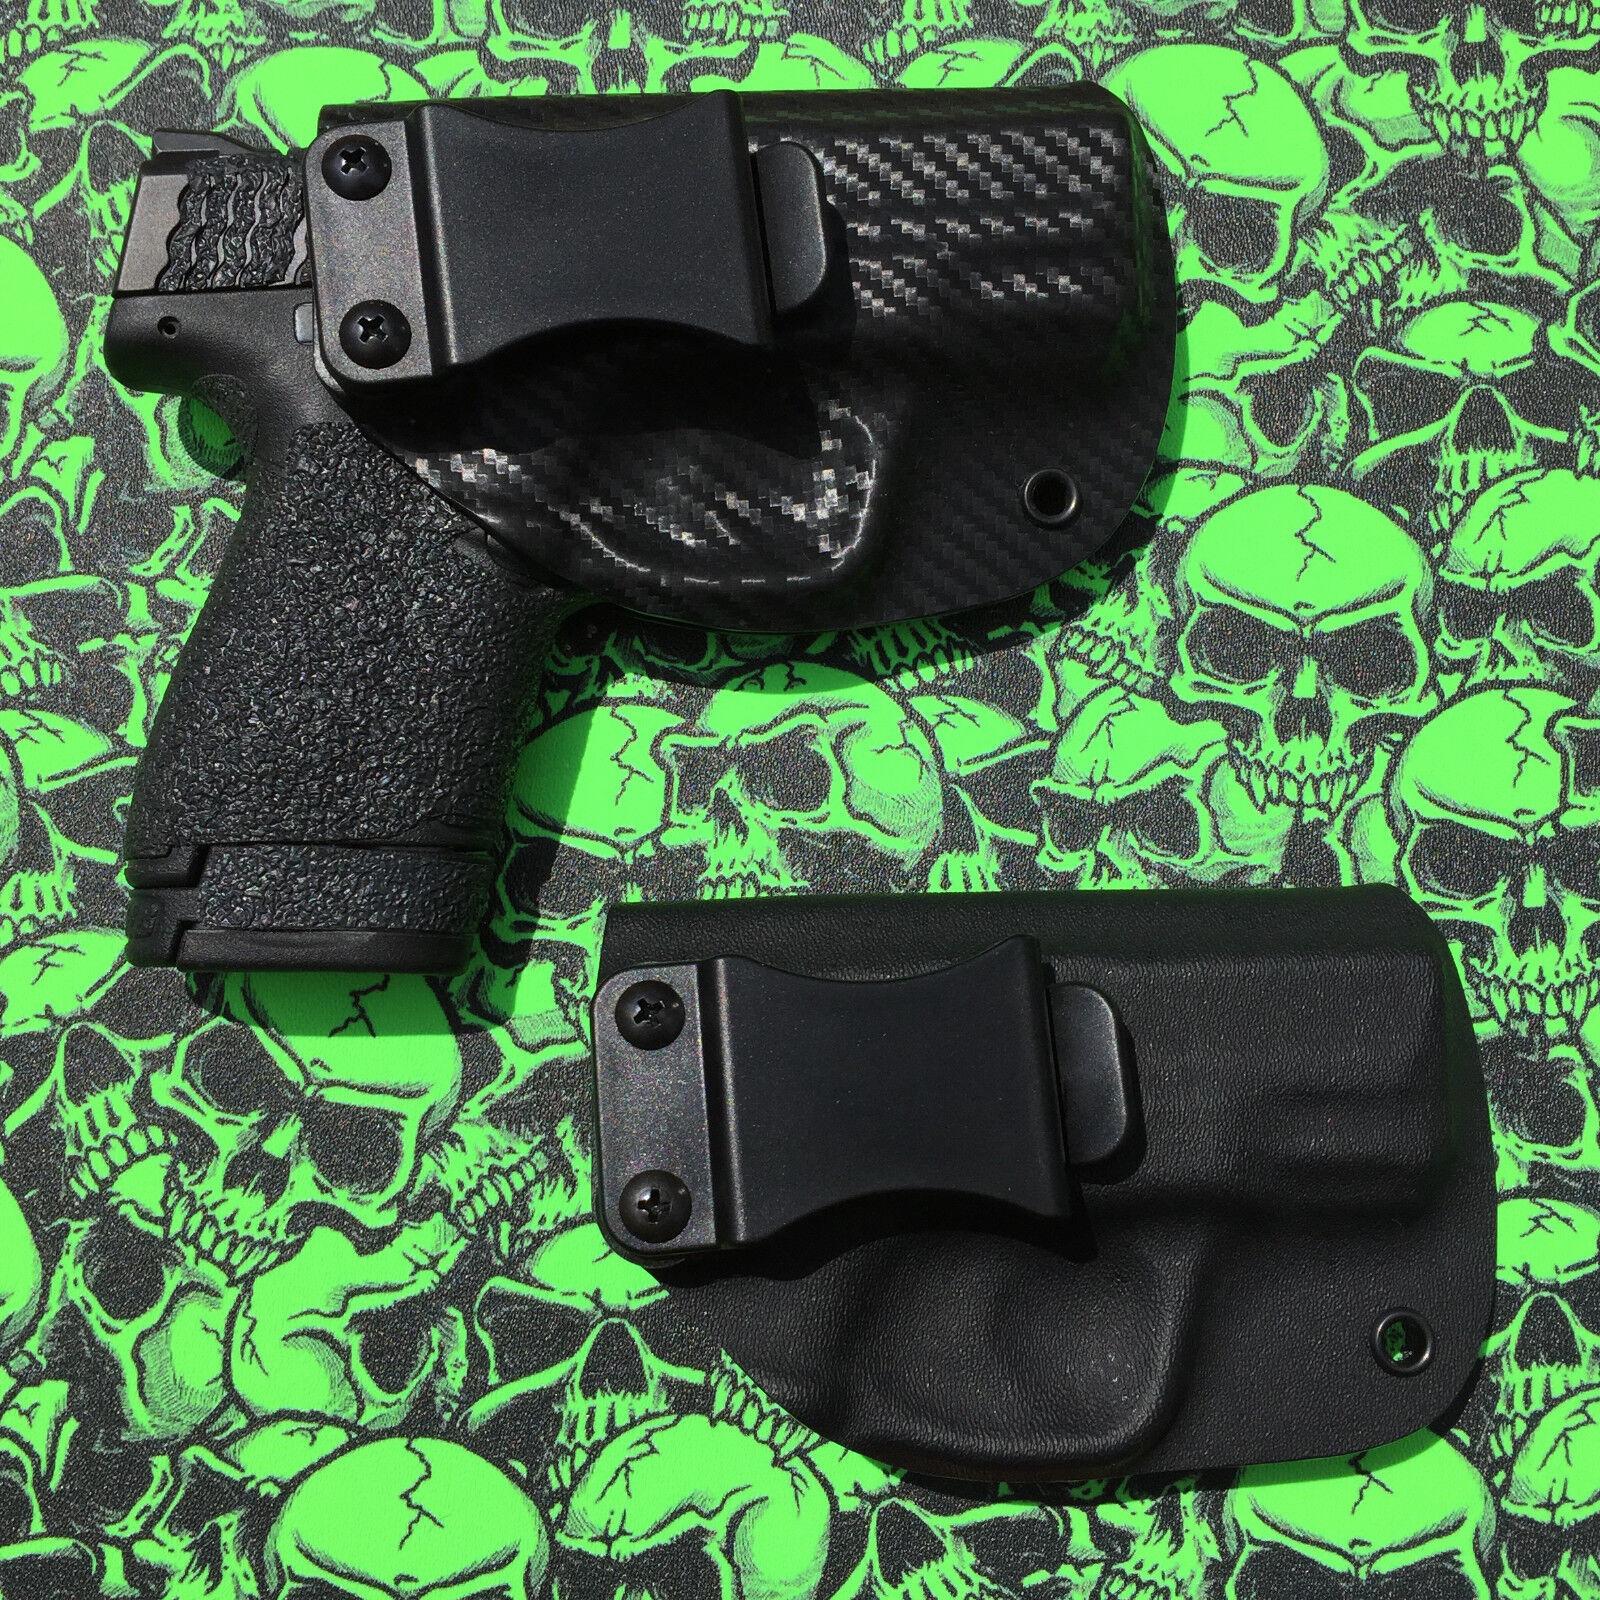 Hk Vp9 Vp40 Left Grip Panel Medium For Sale Online Ebay